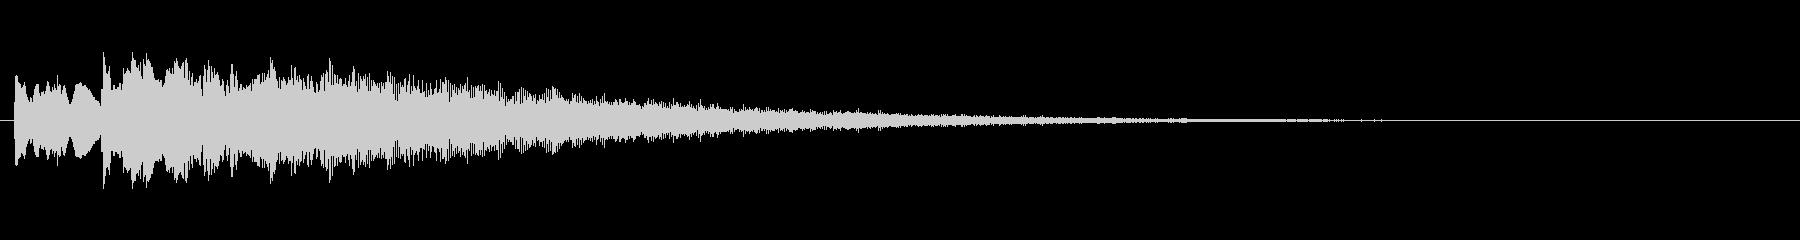 キュイン! アタック音6(上昇↑)の未再生の波形